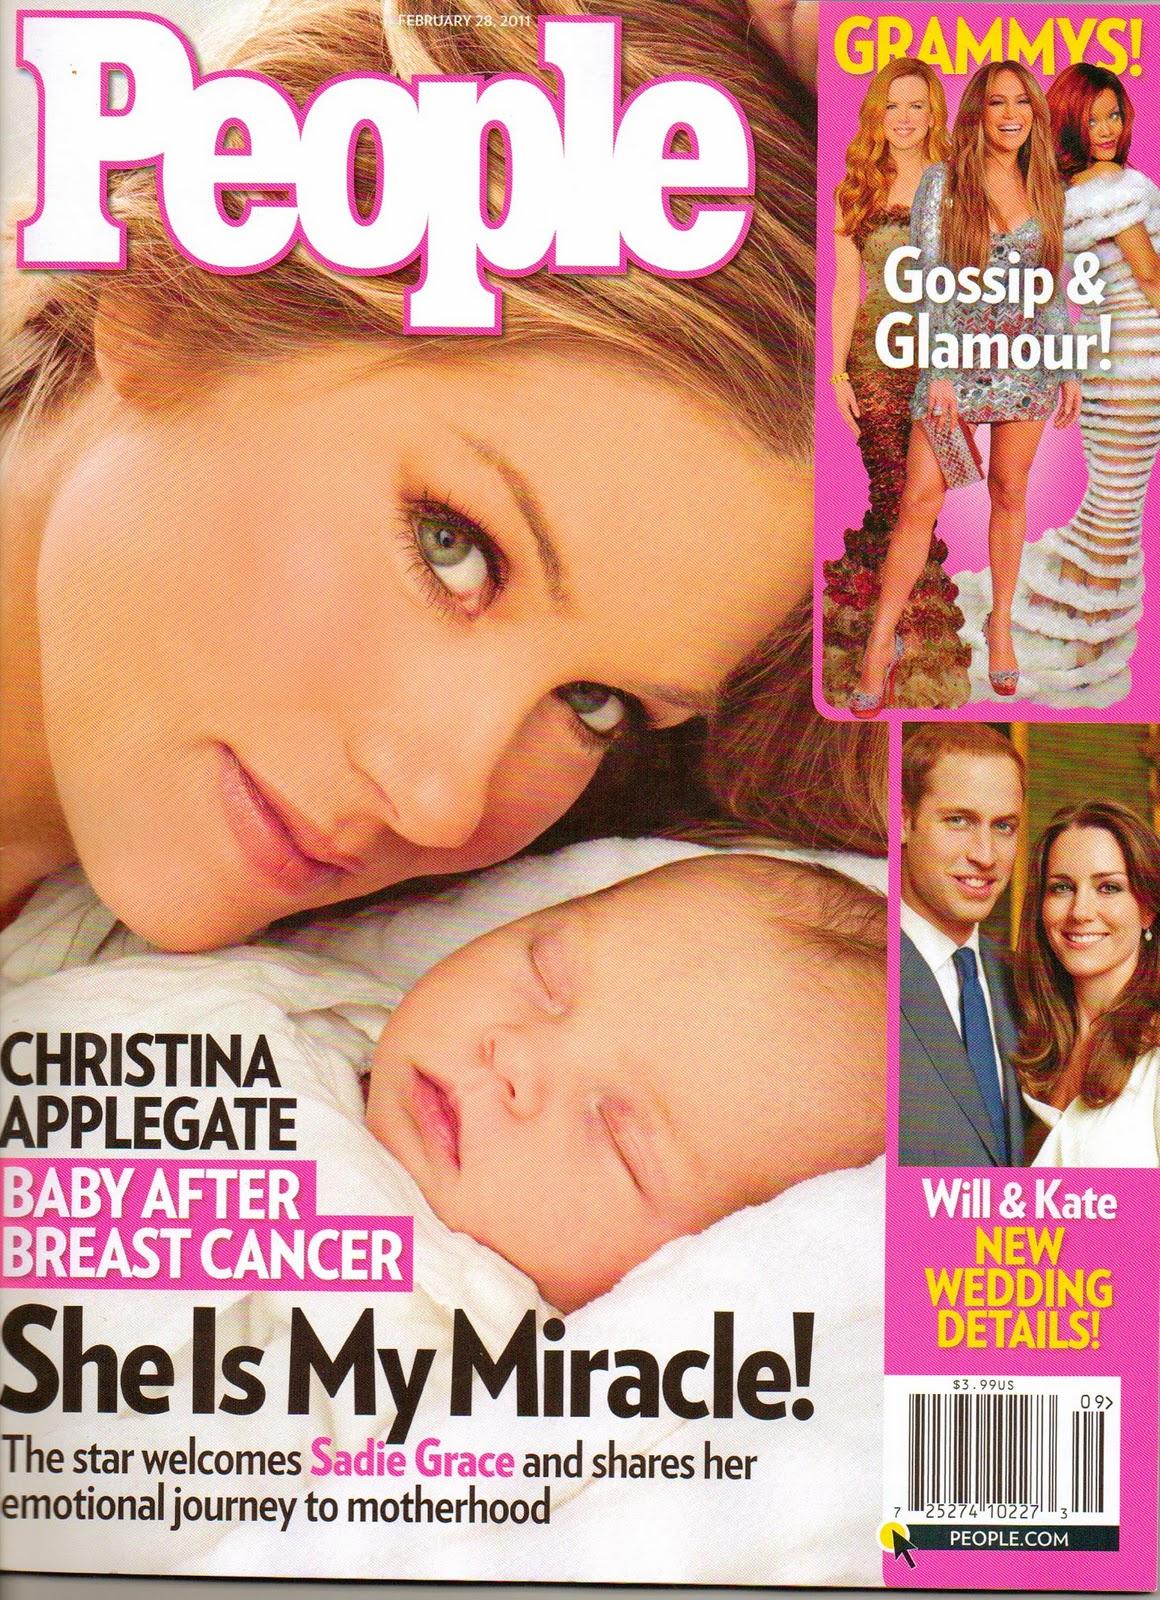 http://1.bp.blogspot.com/-qvsoaywCiVM/TVwpet9OnhI/AAAAAAAABqQ/U8s6FVWlD2k/s1600/Christina+Applegate_People01.jpg